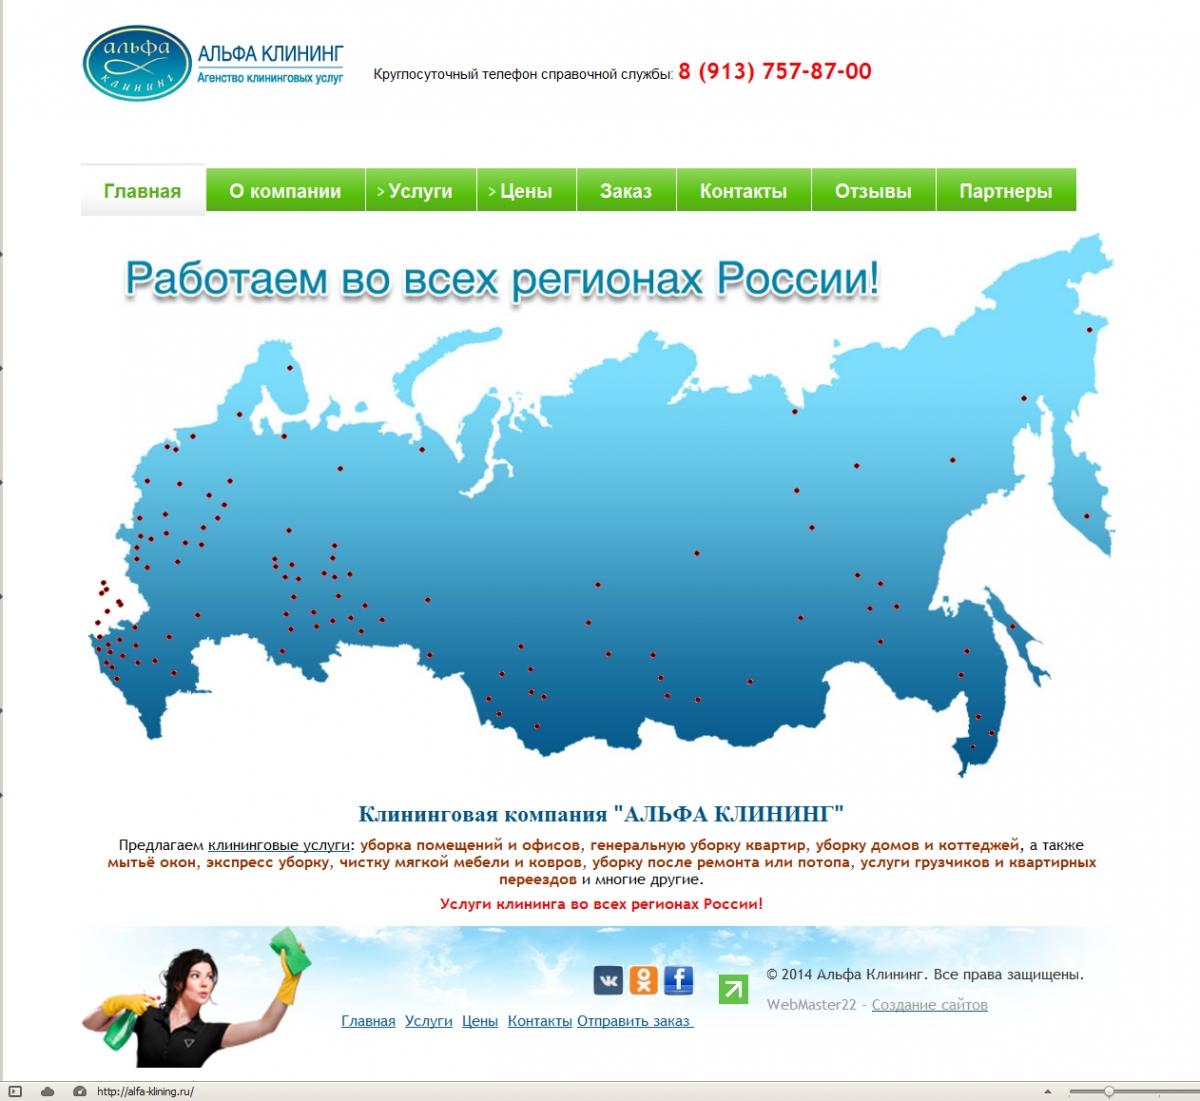 Альфа клининг - клининговые услуги по всей России